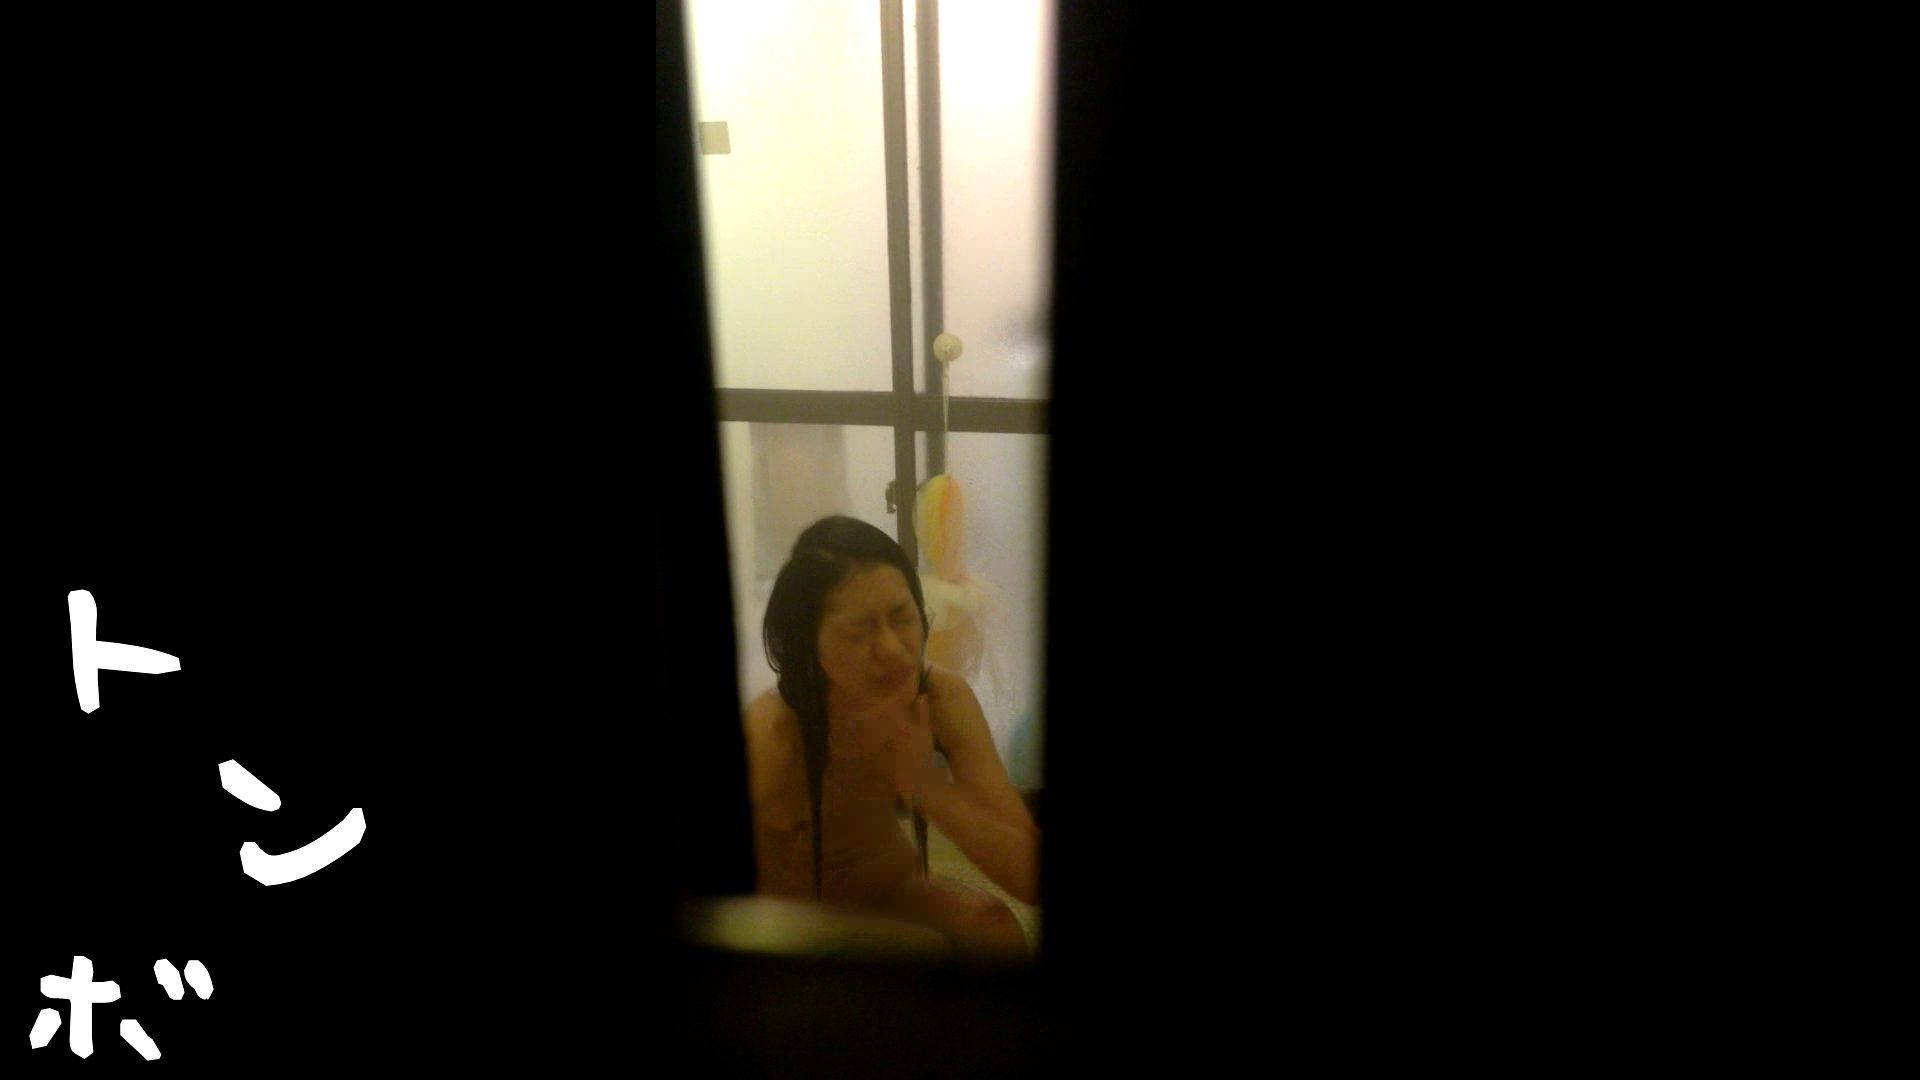 リアル盗撮 中島美嘉現似!美人女子大生のお風呂 女子大生 エロ画像 93画像 59